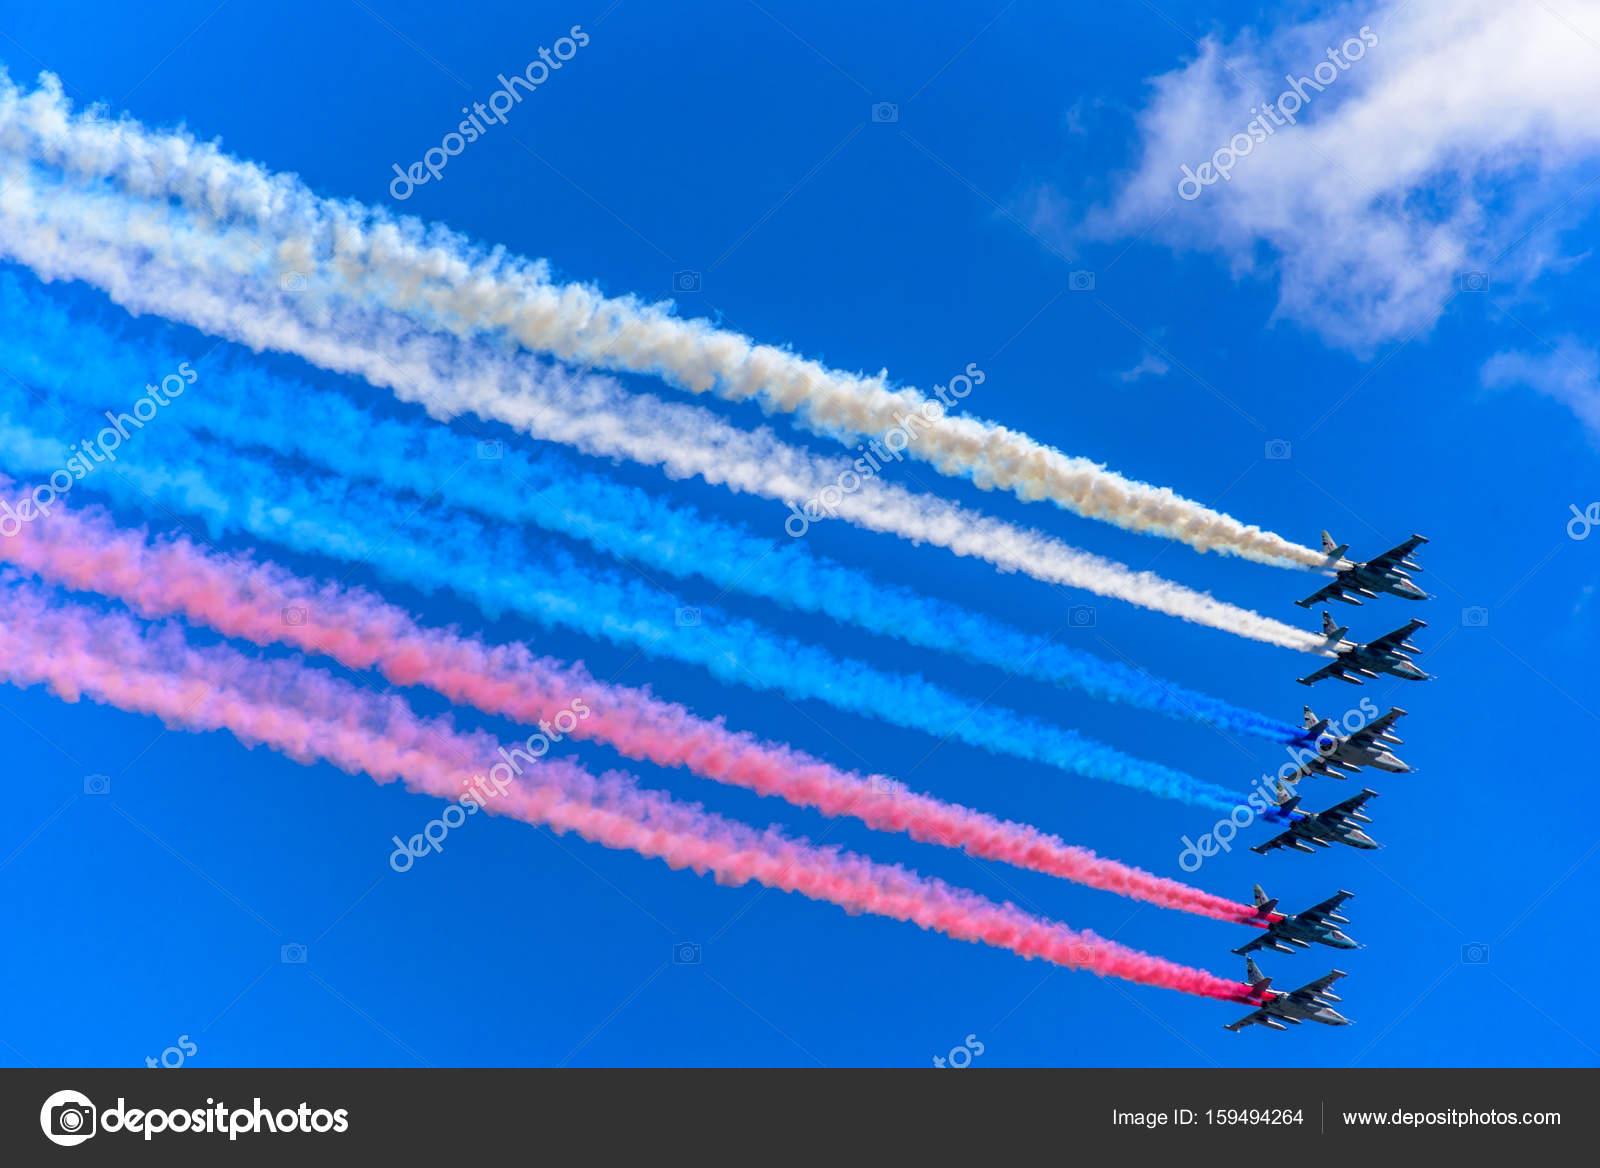 Sechs Su-25 Angriff Flugzeuge verlassen Rauch als Tricolor russische ...